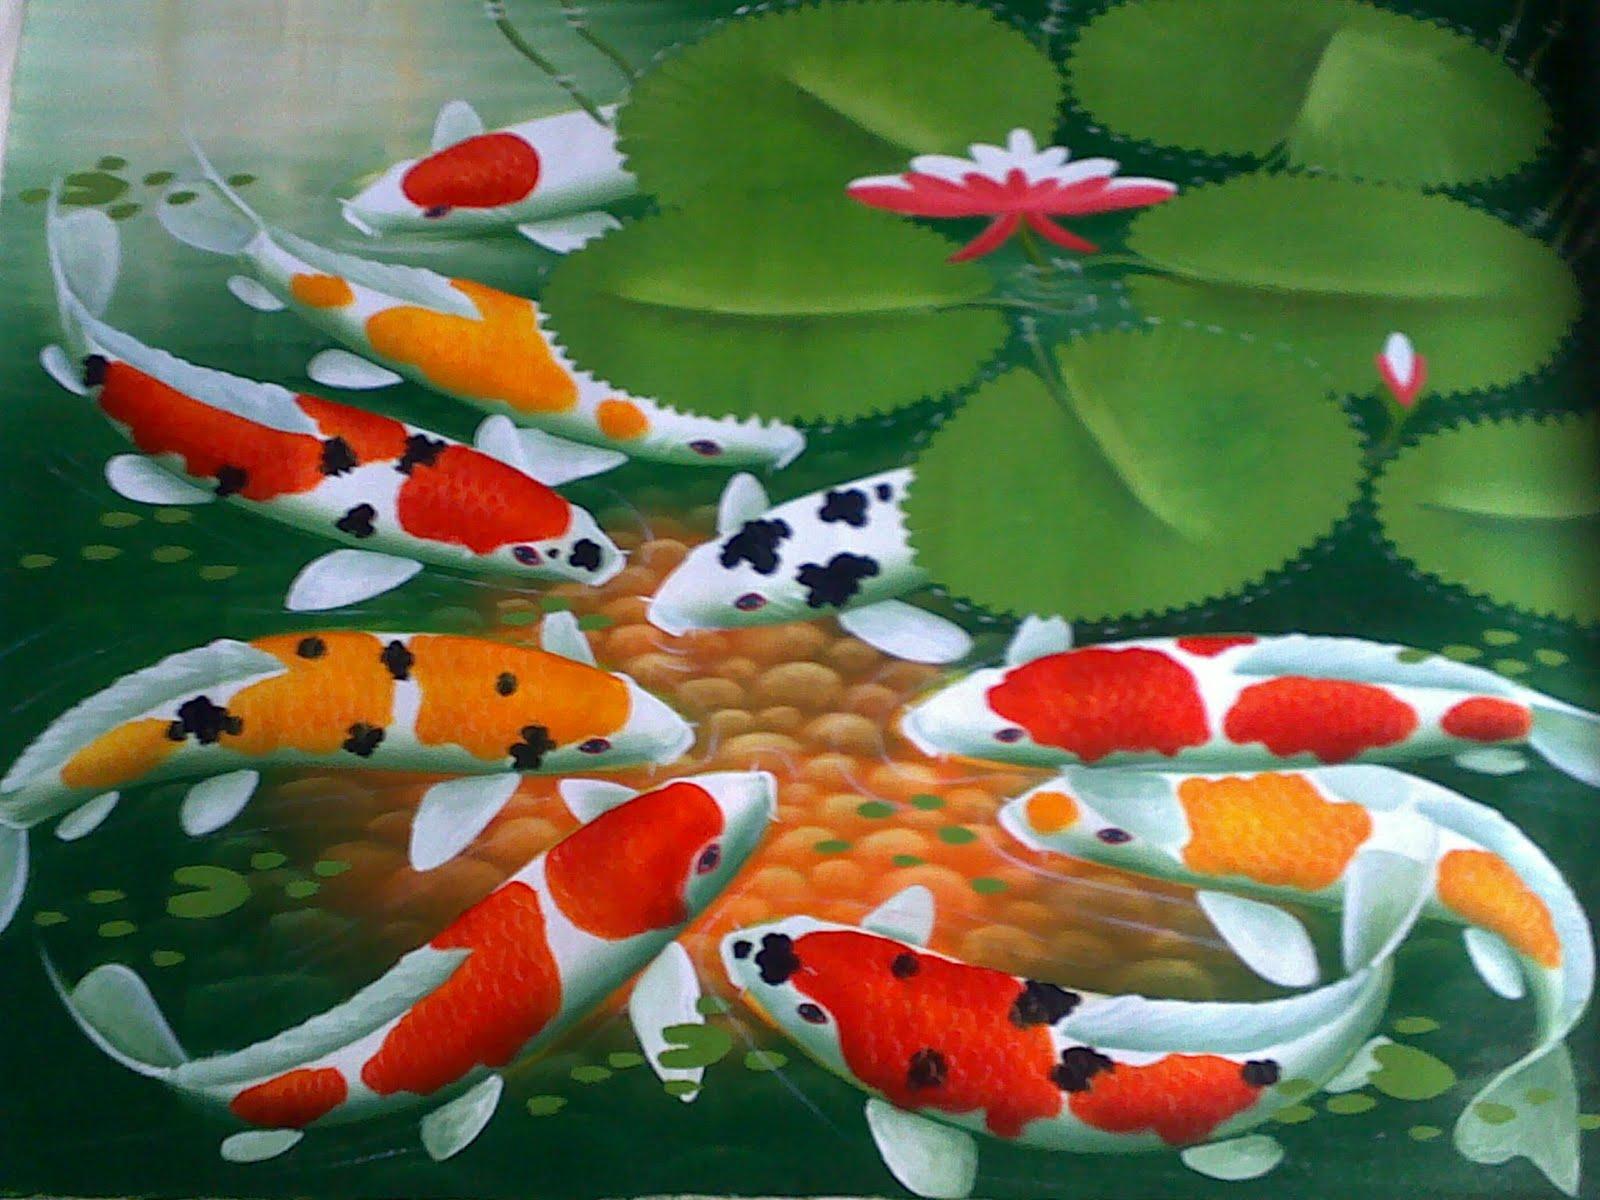 http://1.bp.blogspot.com/-hcDZox2NHF0/T8bYyIs8H0I/AAAAAAAACSU/v-15klzlvCQ/s1600/wallpaper+ikan+koi.jpg